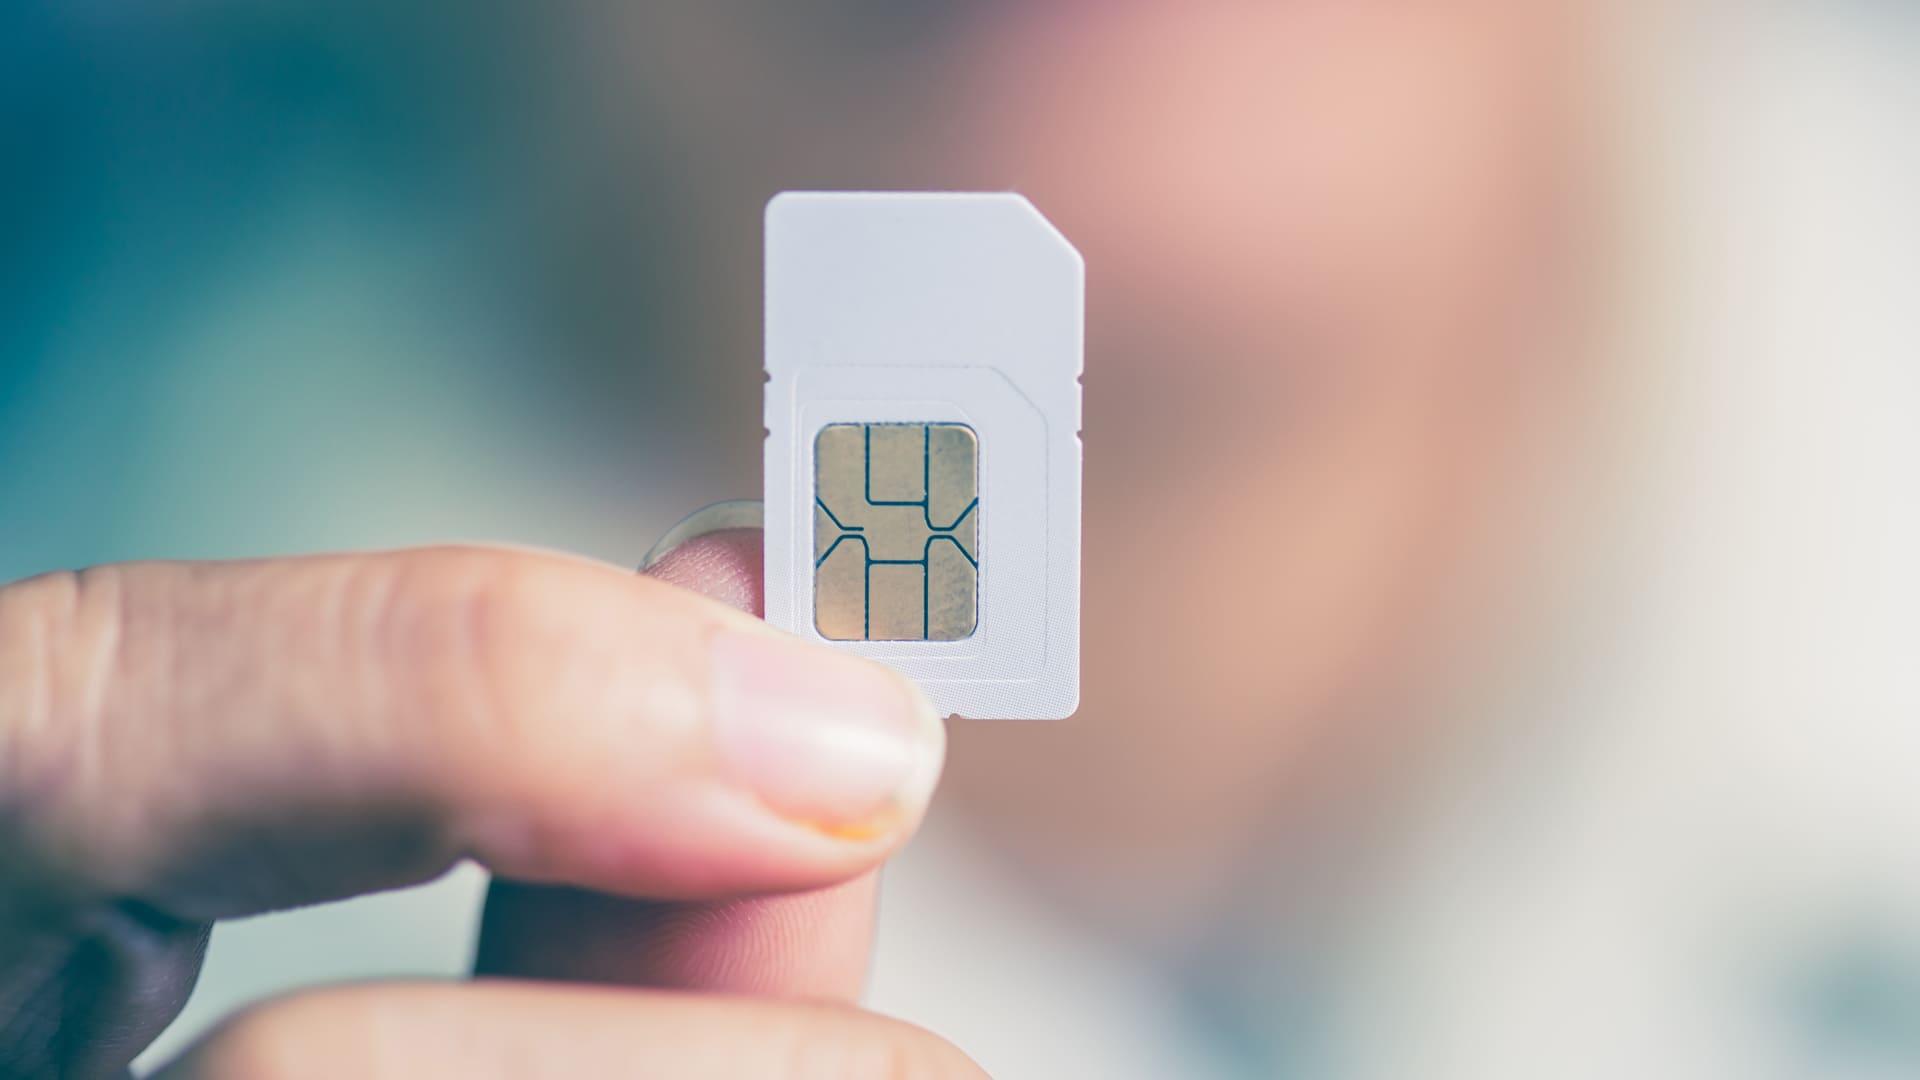 Como saber o número do chip? É bem fácil, Dê um Zoom e descubra (Foto: Shutterstock)